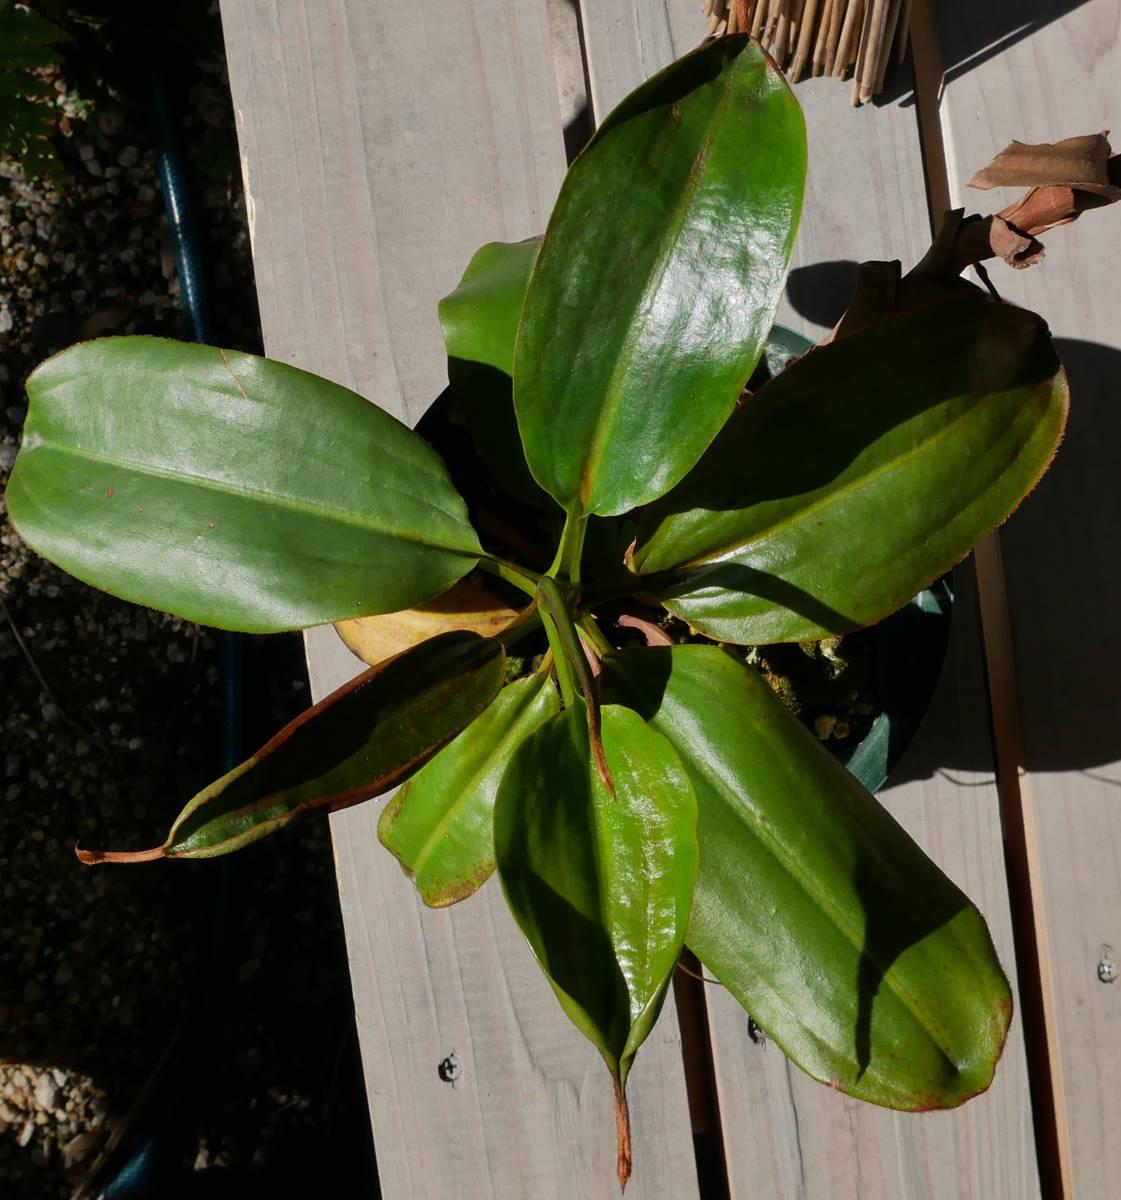 食虫植物 ウツボカズラ Nepenthes rajah x mira Borneo Exotics 実生